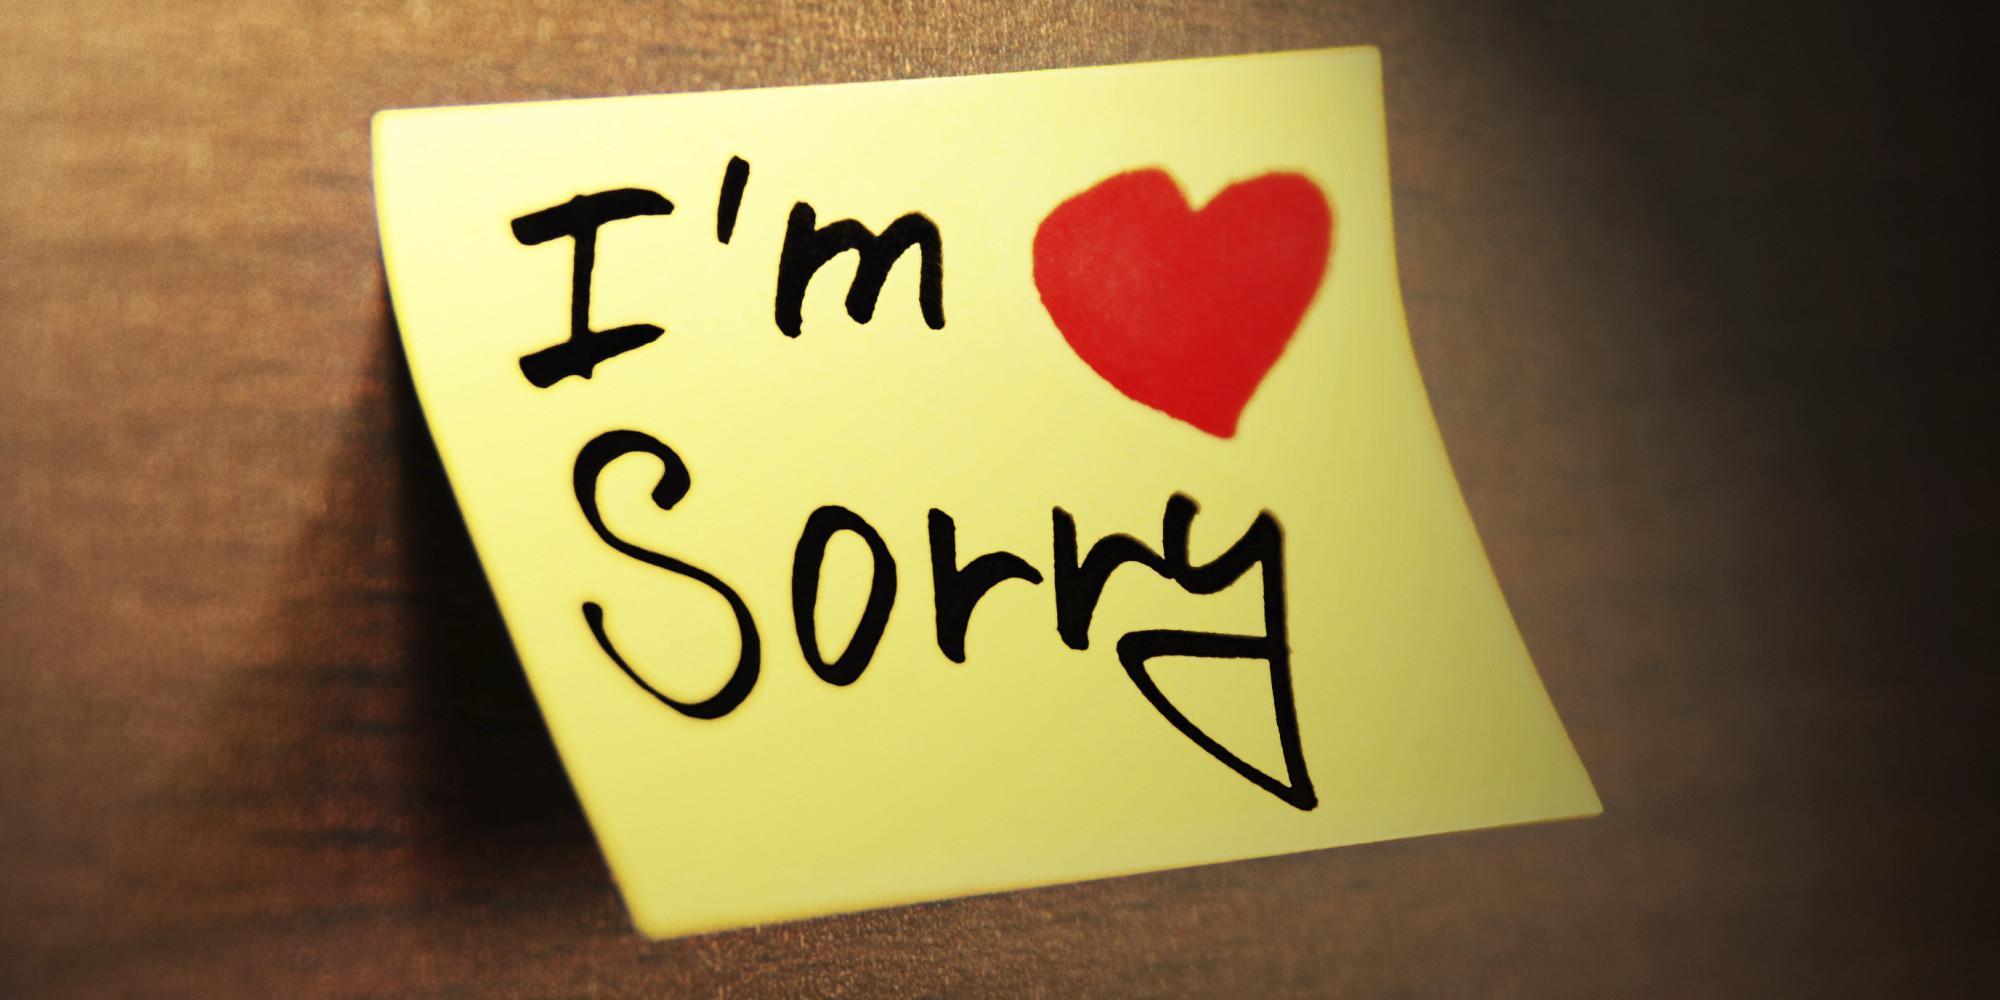 o-apologize-facebook-1507D4C83325B6DF522